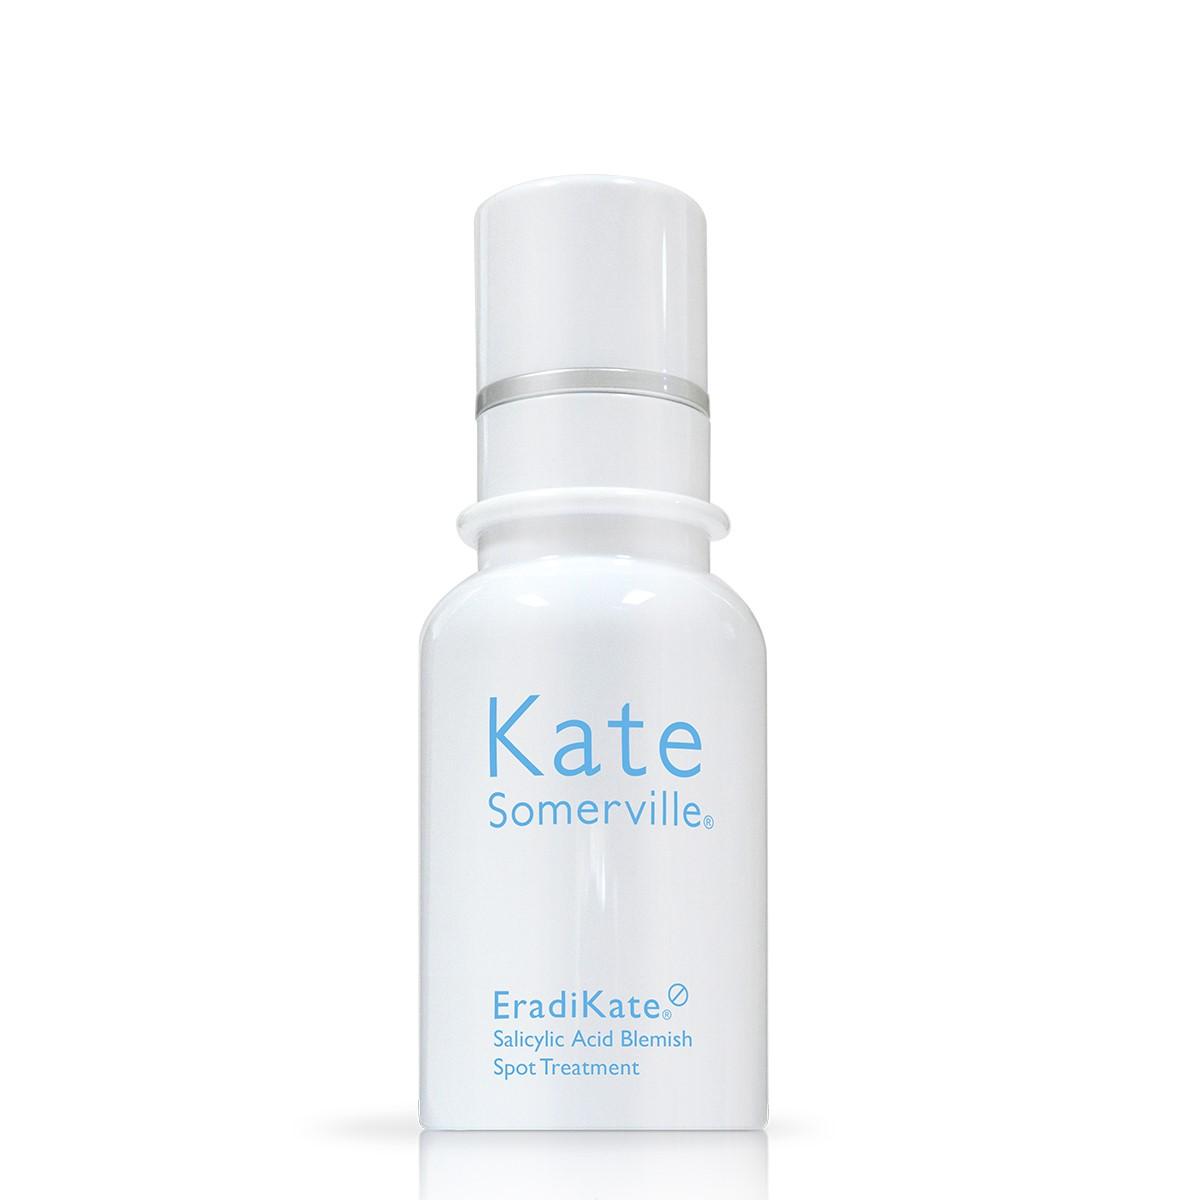 EradiKate Salicylic Acid Blemish Spot Treatment, , large